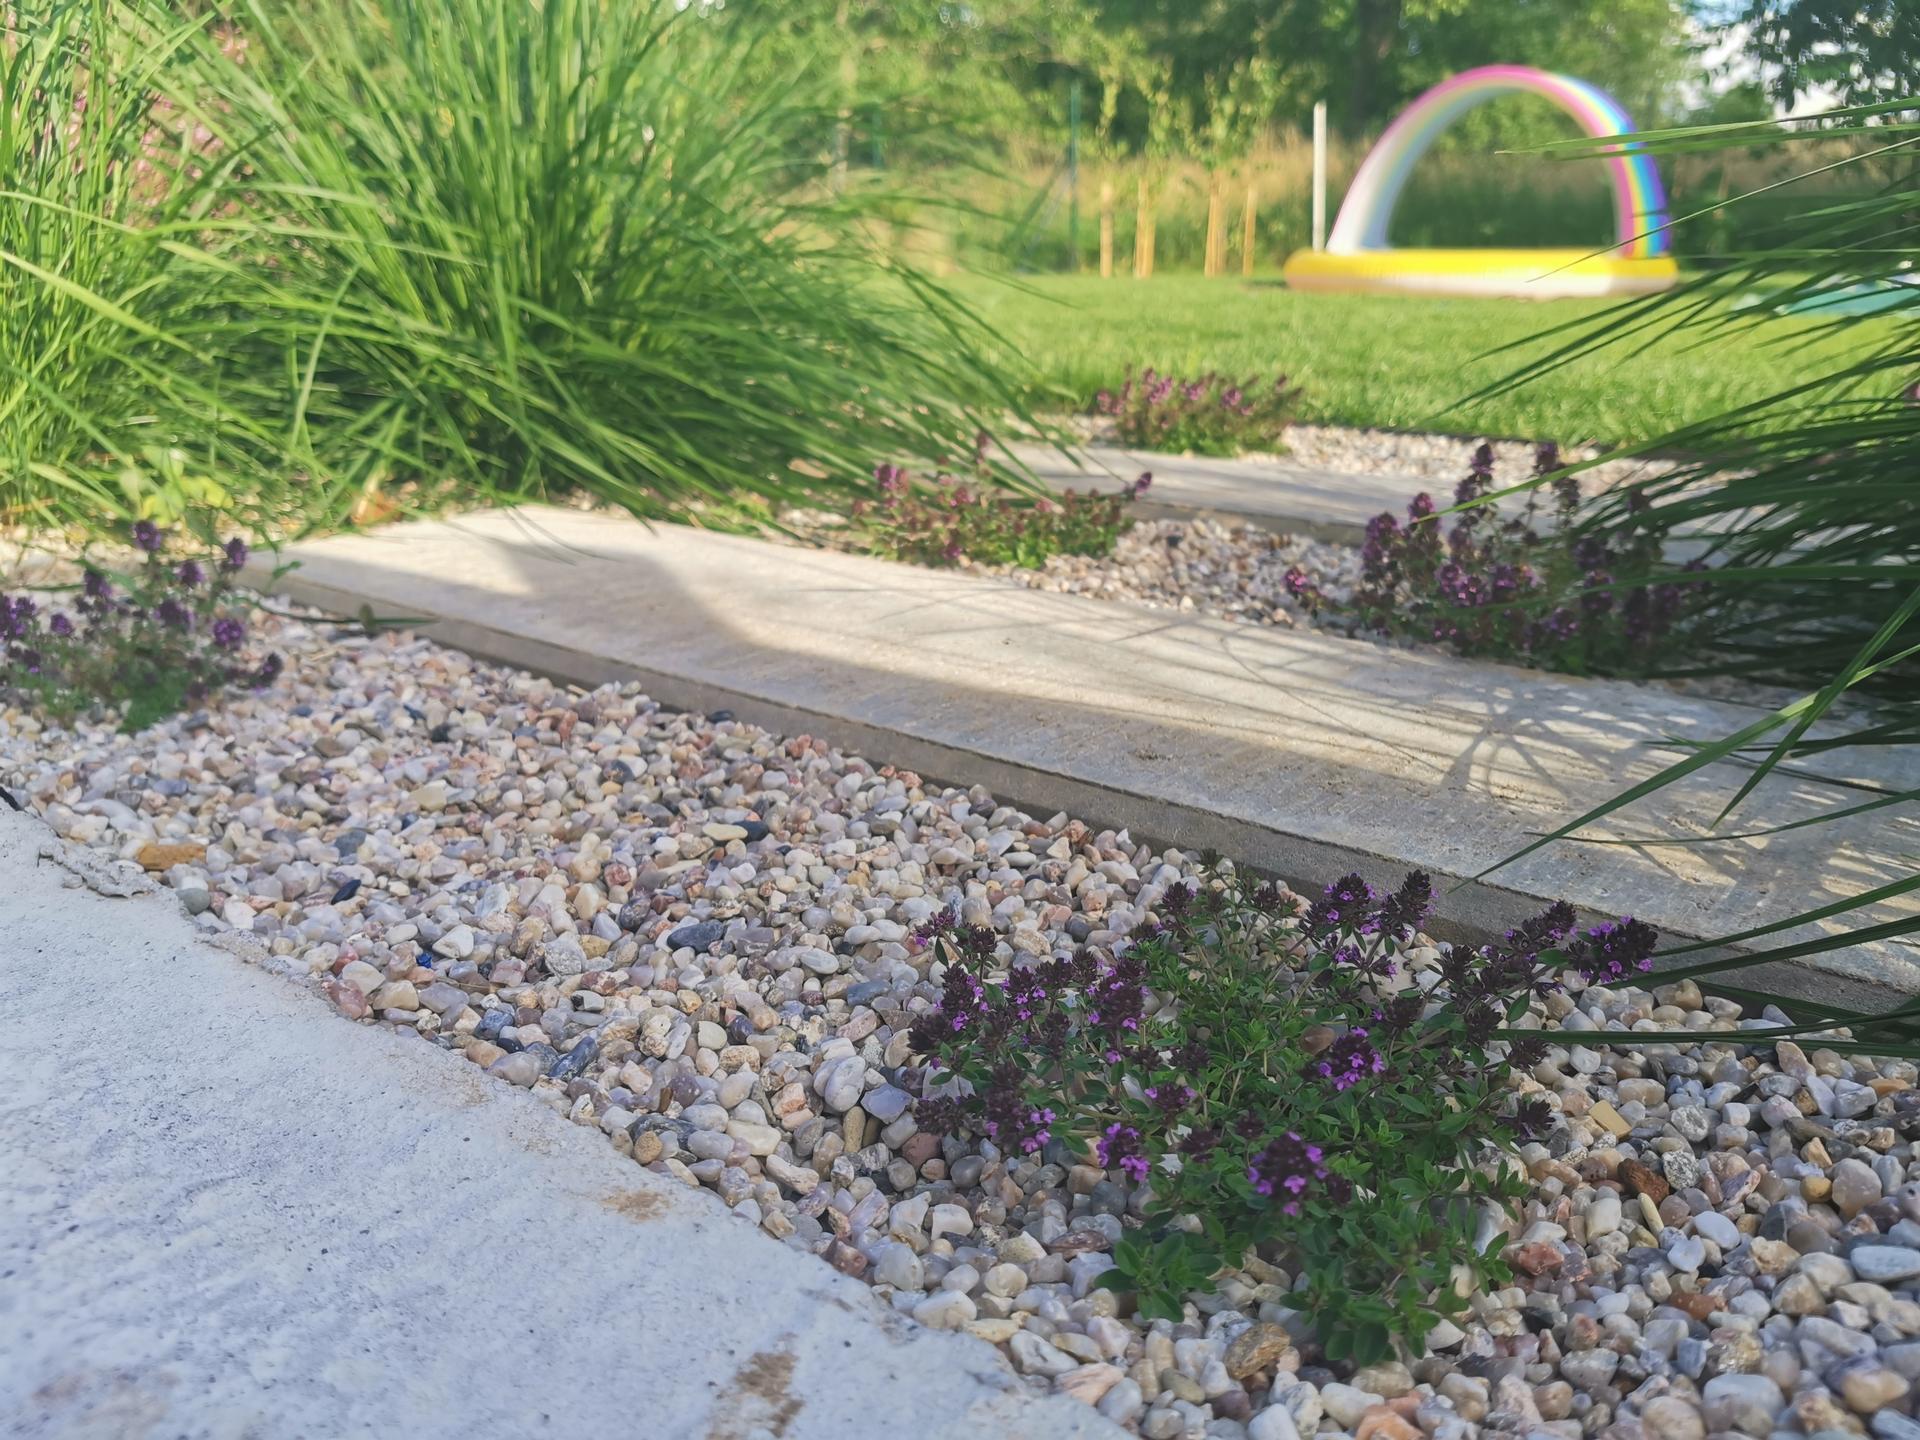 Začínáme se zahradou - Mateřídouška se začíná hezky rozrůstat a kvést